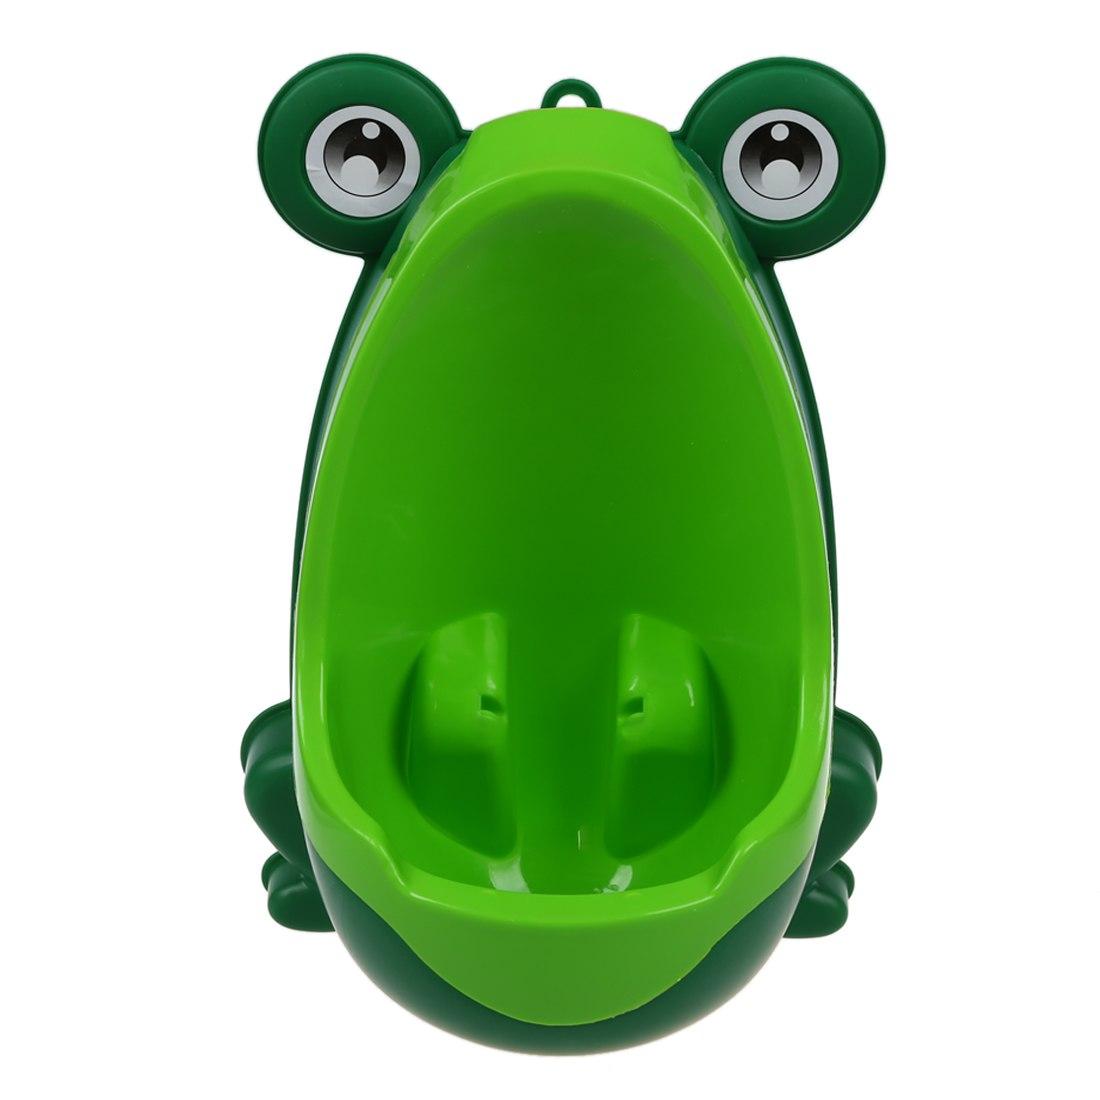 [해외]아기 소년 키즈 유아 사소한 훈련 오줌 트레이너 미니 화장실 (개구리 그린)